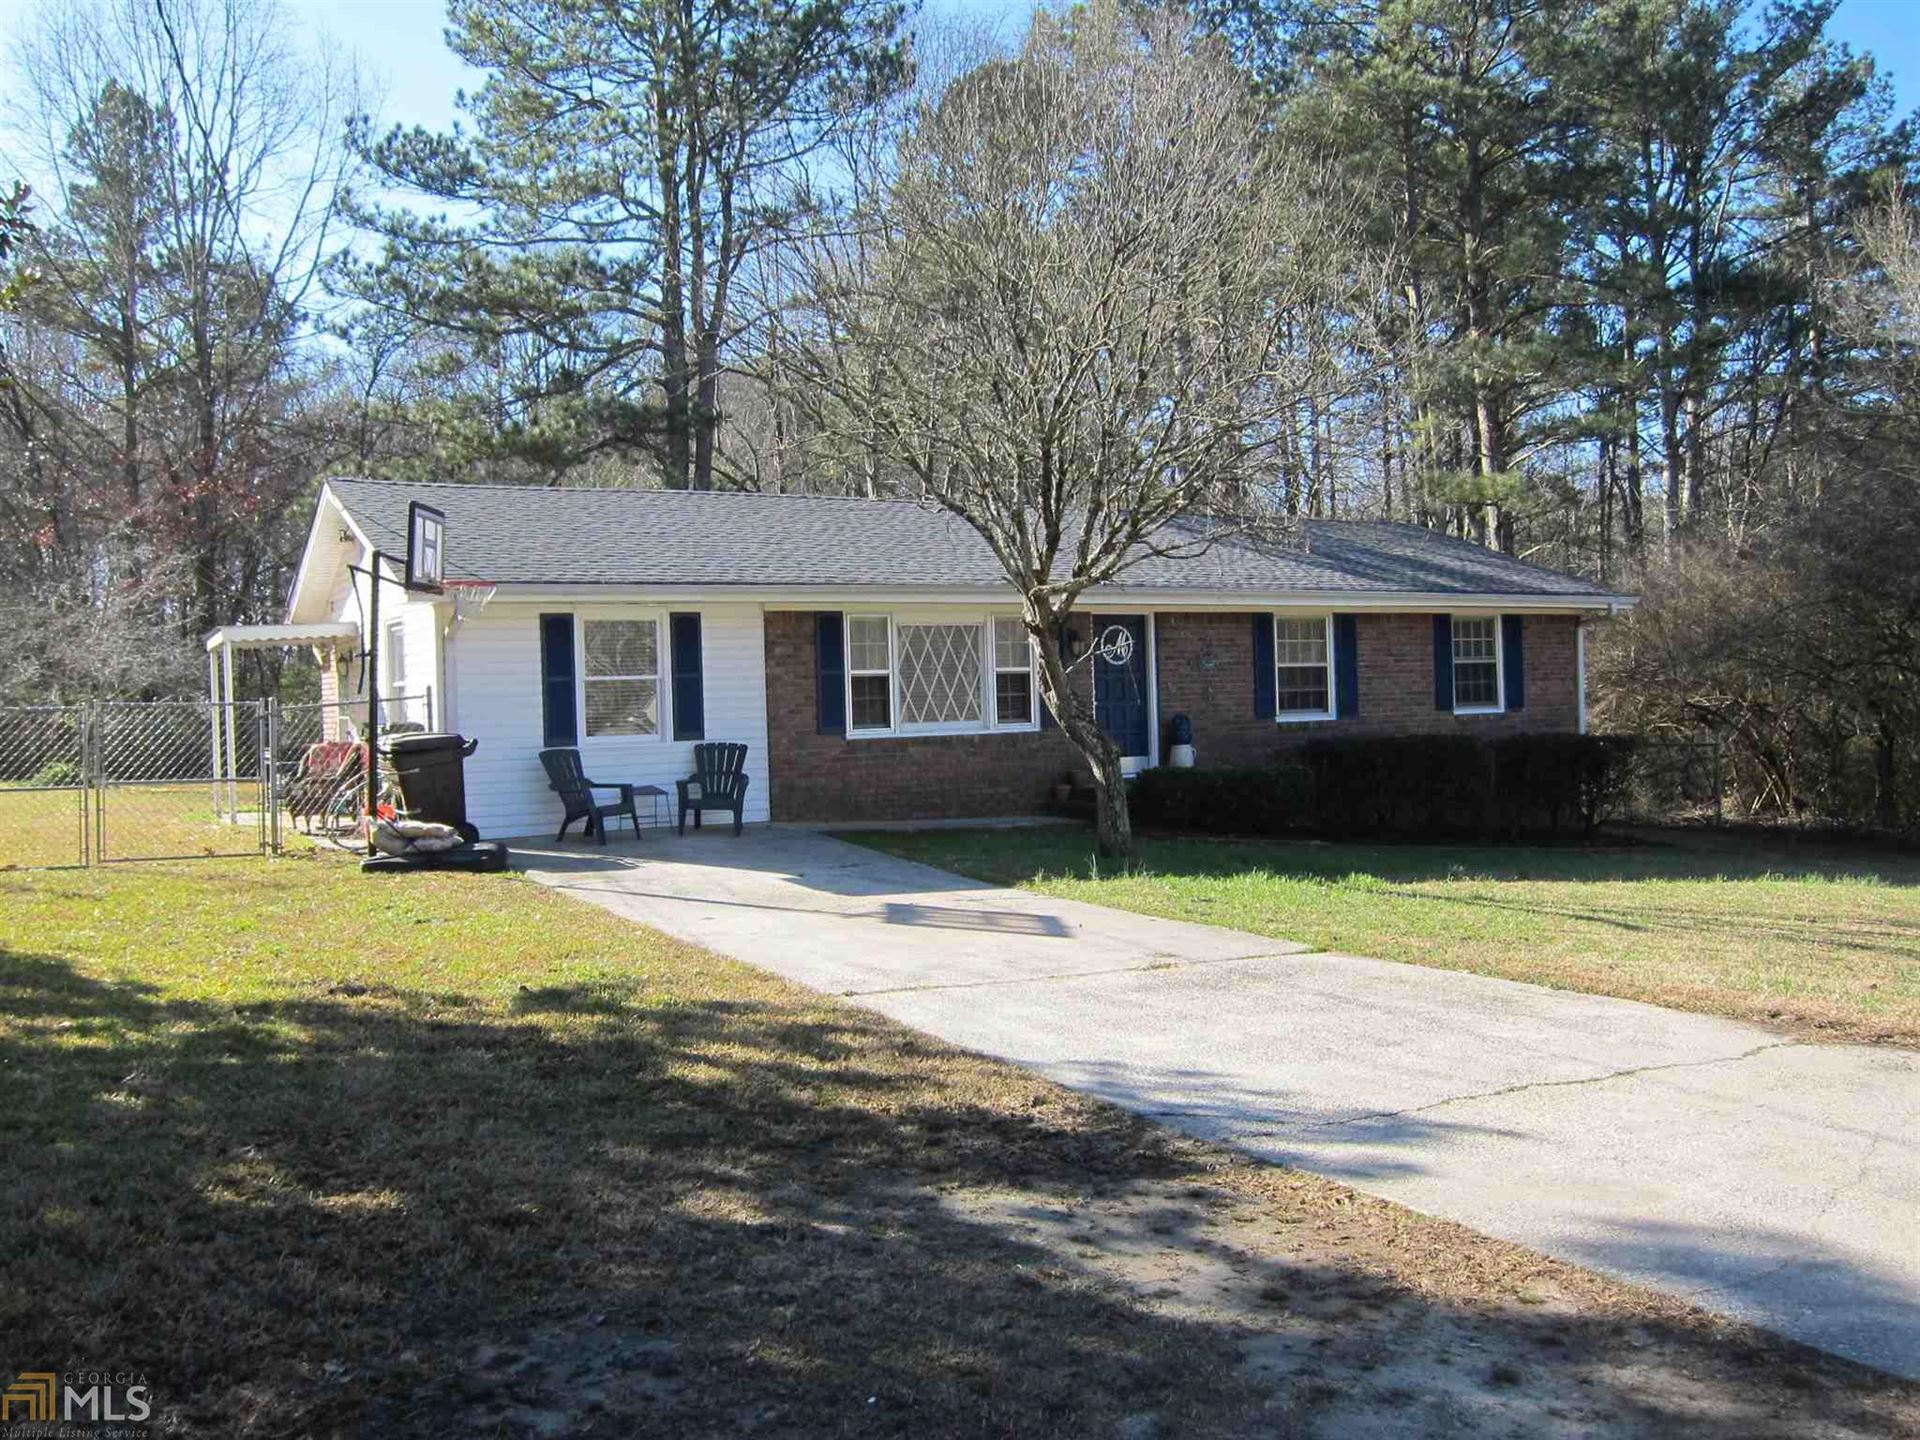 4470 Frank Aiken Rd, Powder Springs, GA 30127 - MLS#: 8914299